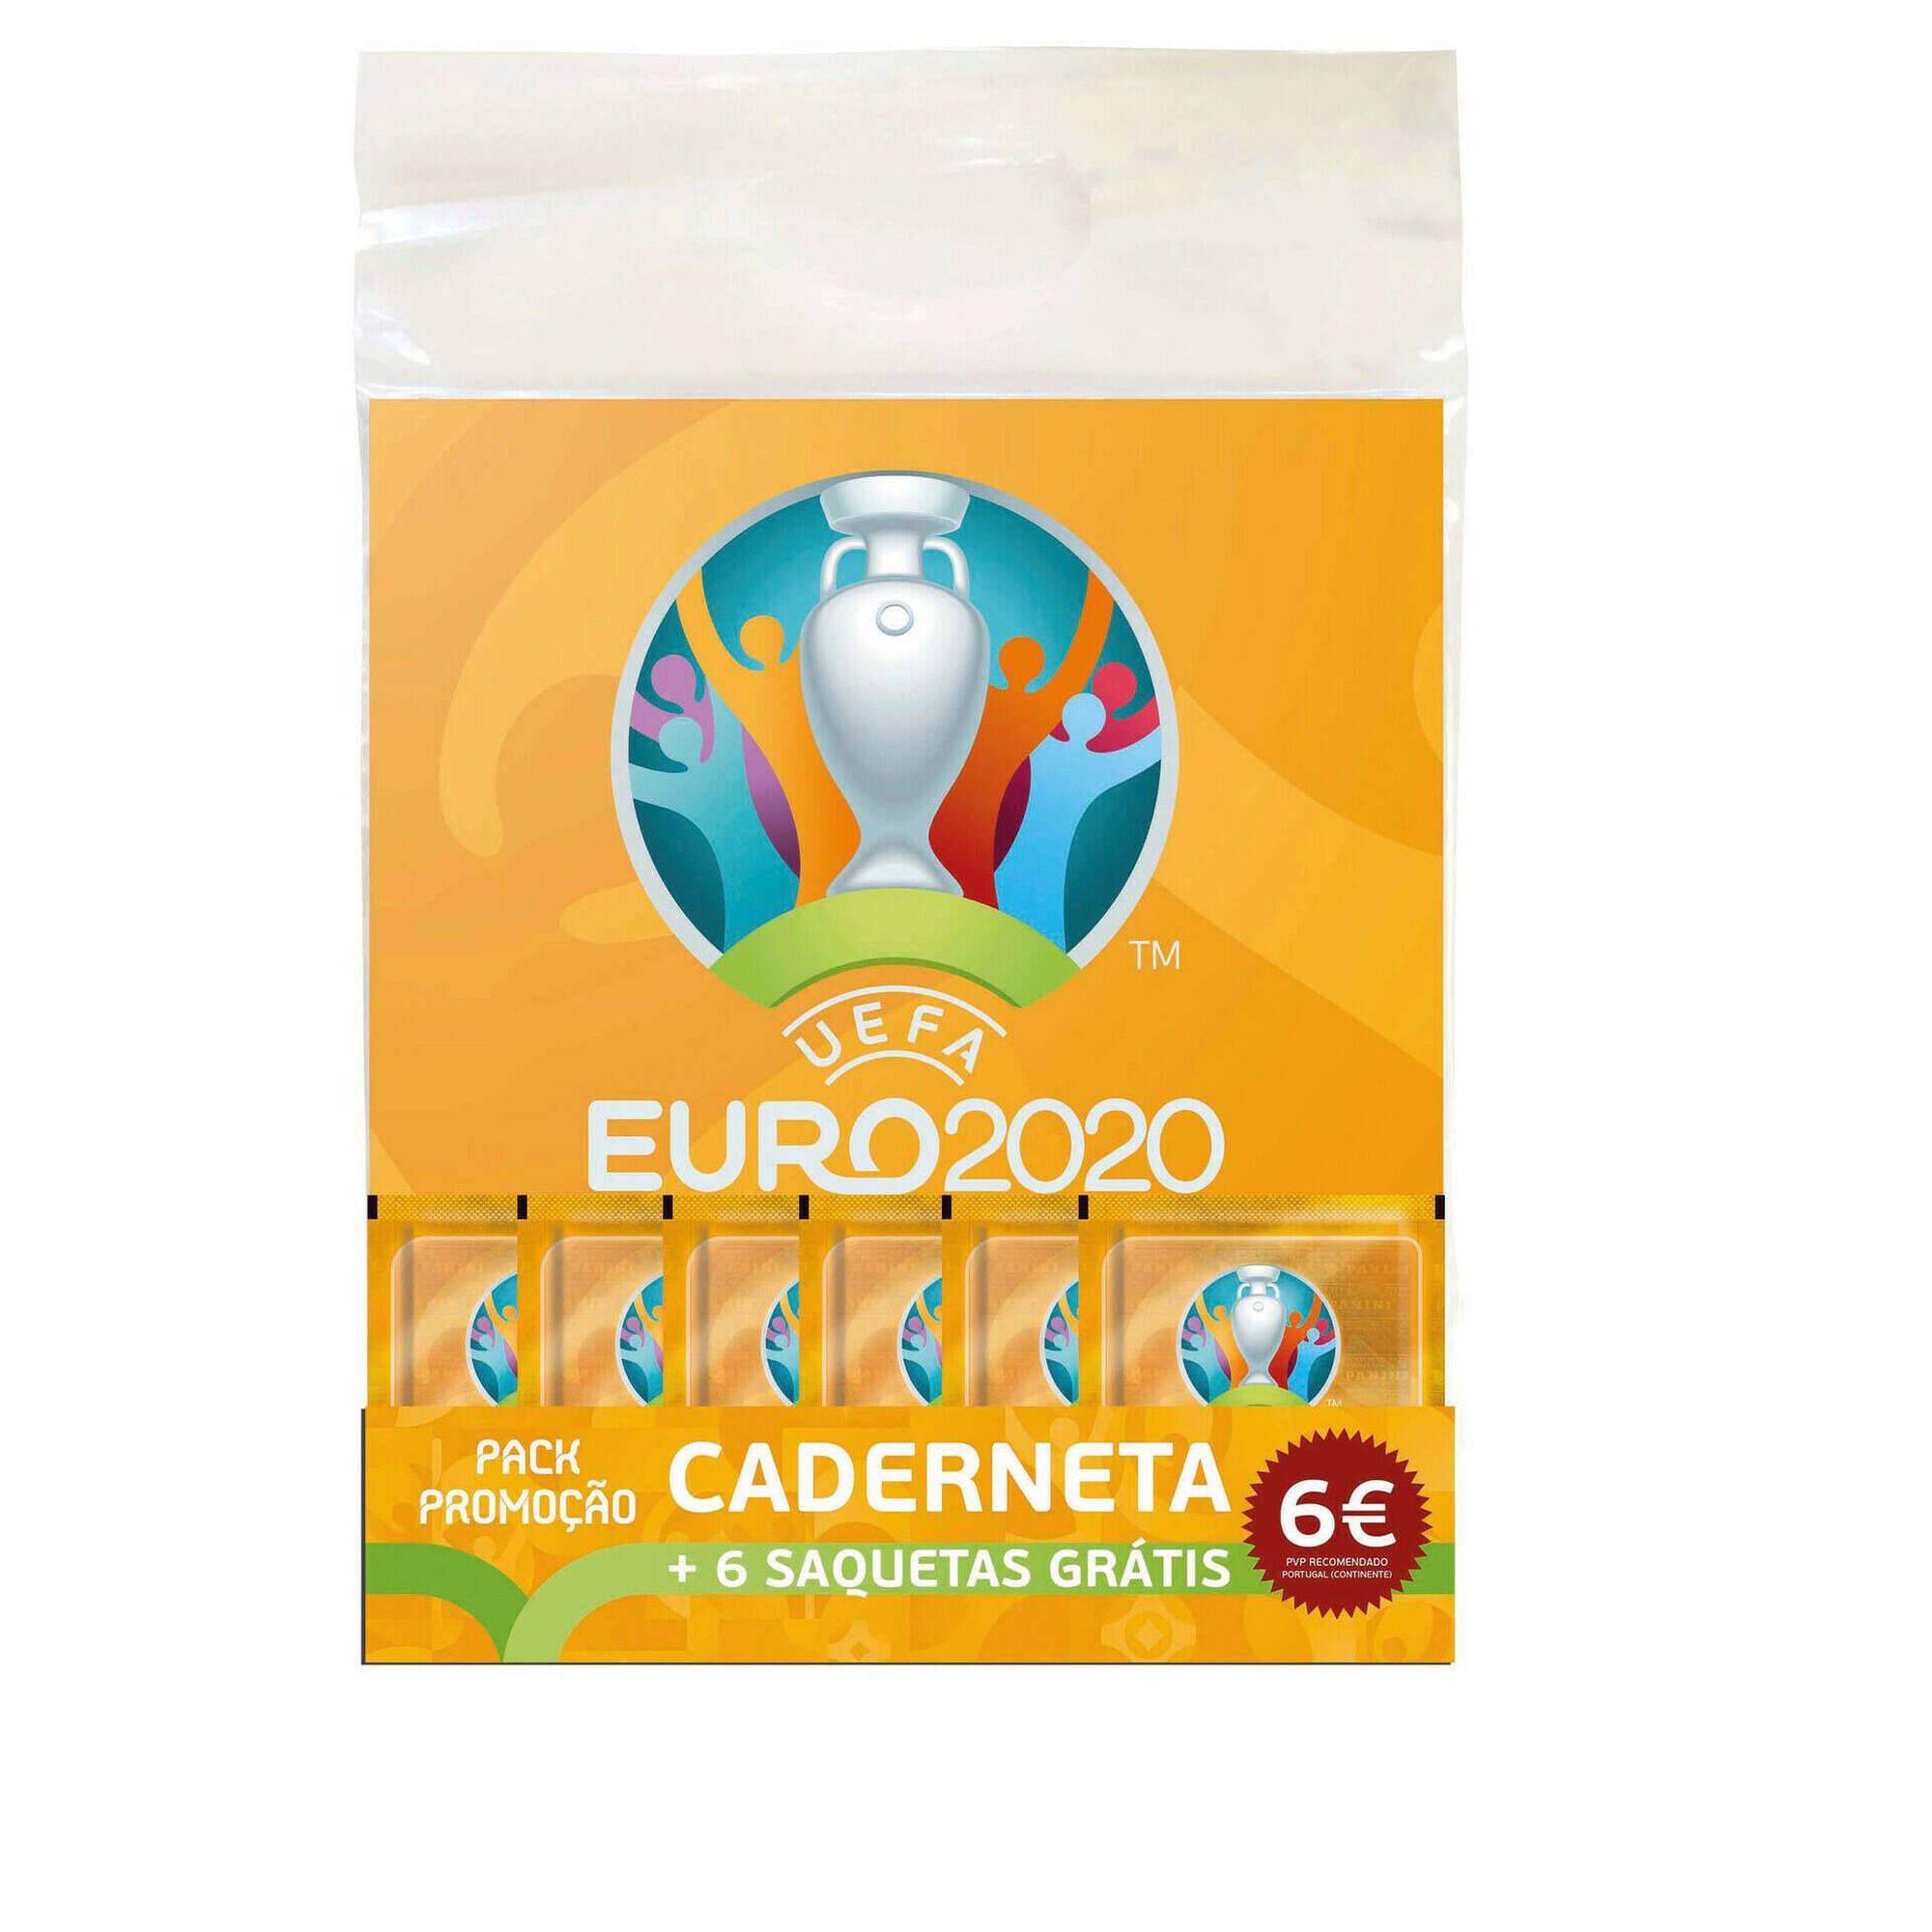 Caderneta e 6 Saquetas Futebol Euro 2020